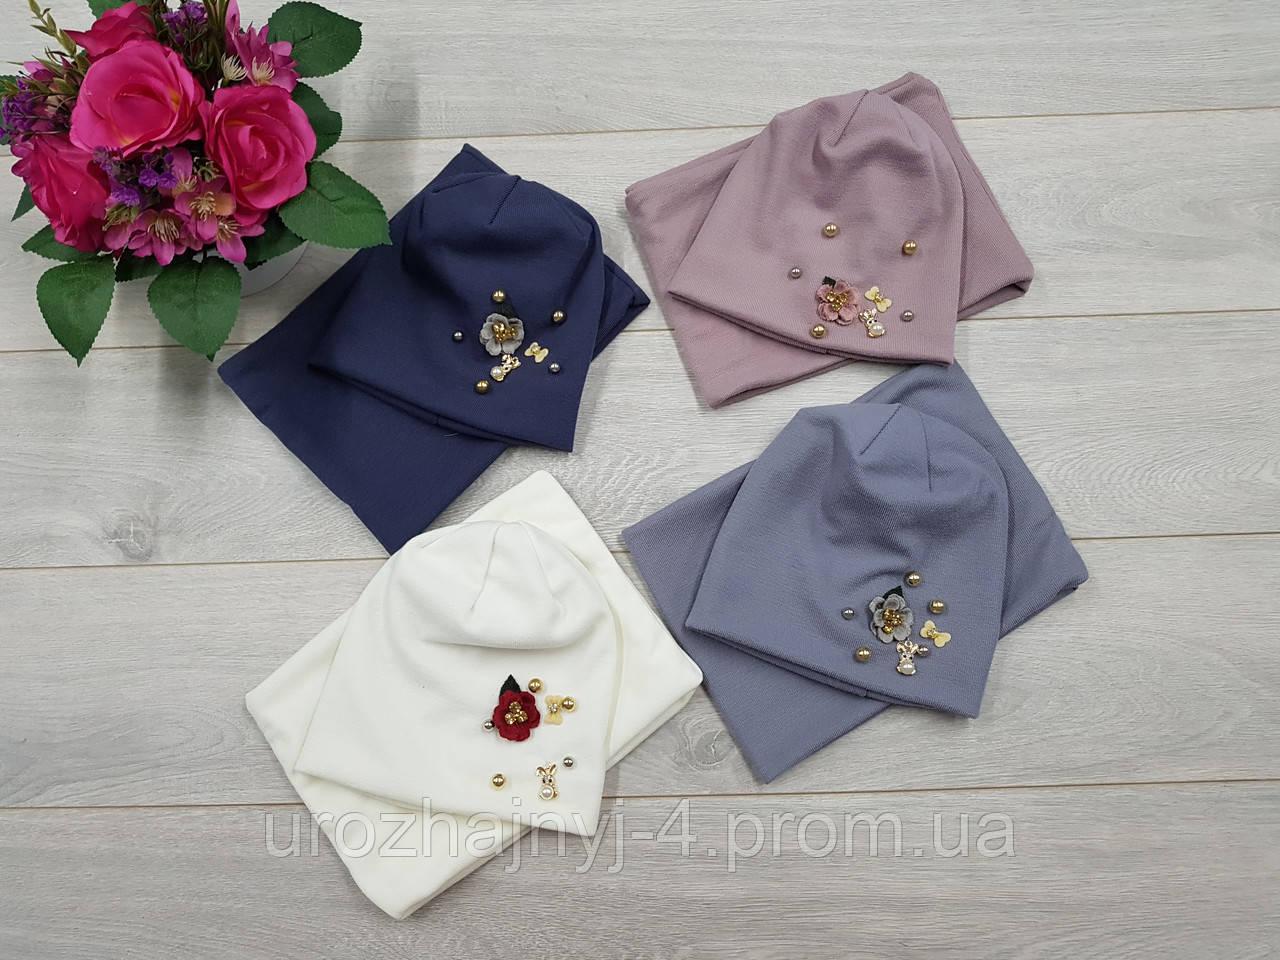 Детская трикотажная шапка и хомут подкладка х/б р 46-48. 4 шт в упаковке.